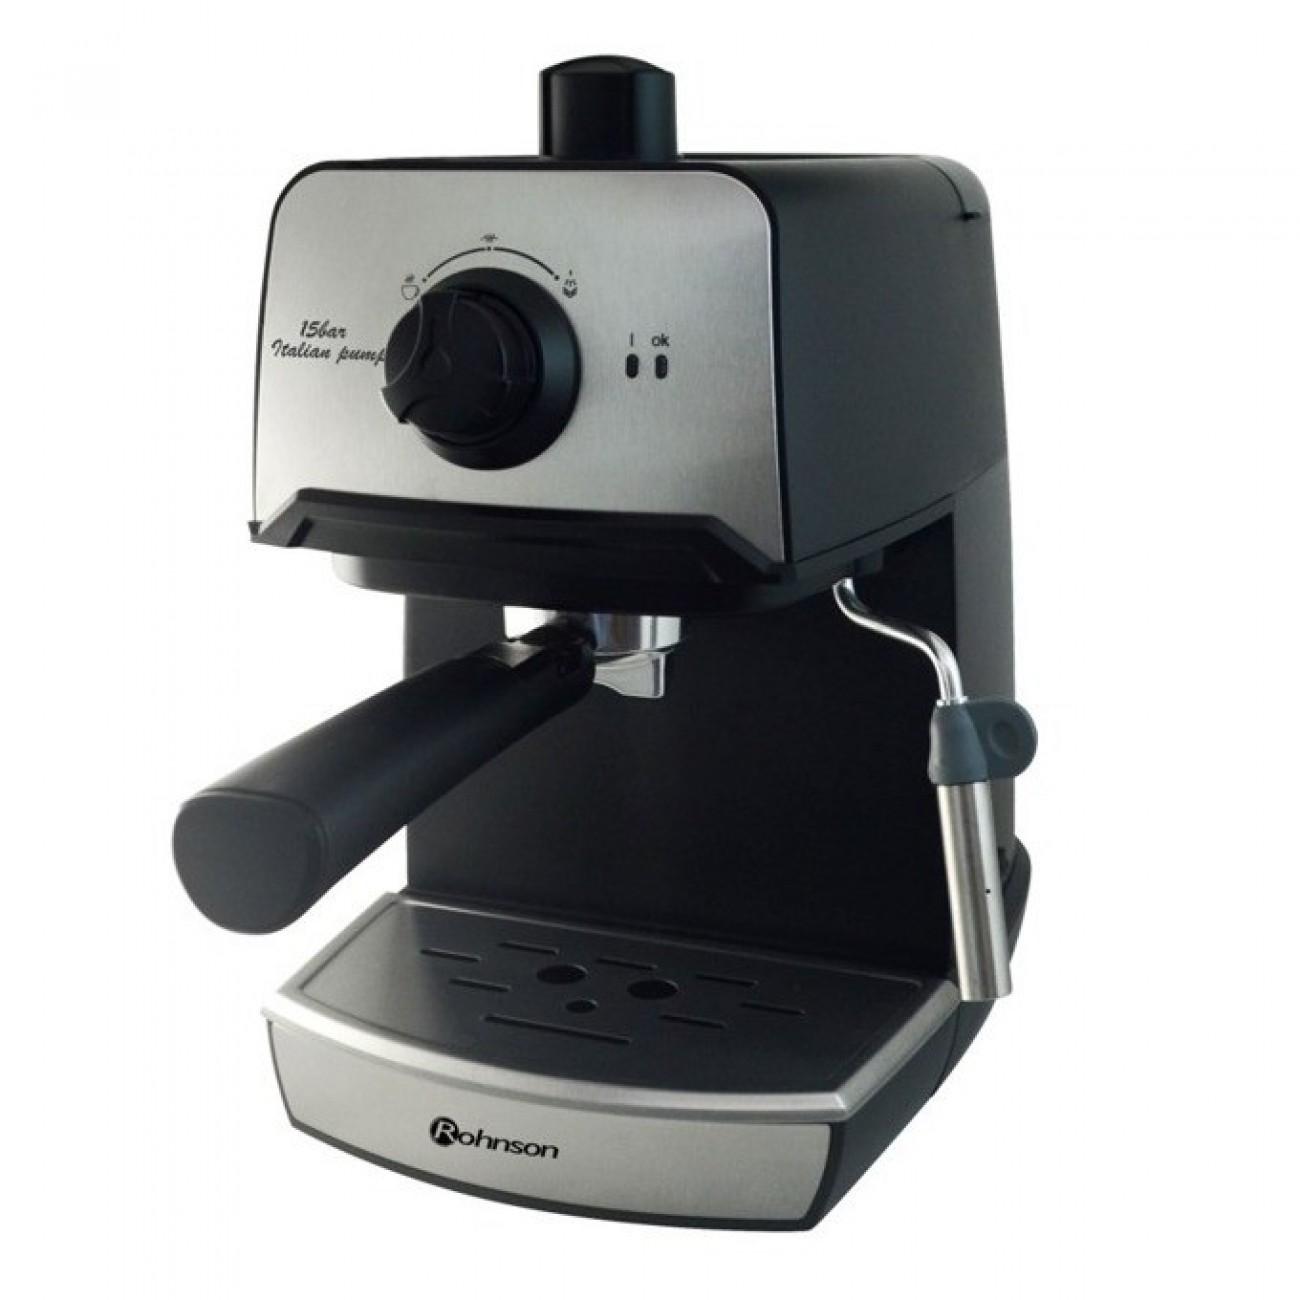 Ръчна еспресо кафемашина Rohnson R 977, 850W, 15 bar, италианска помпа, дюза за капучино, двоен филтър от неръждаема стомана в Кафемашини -  | Alleop